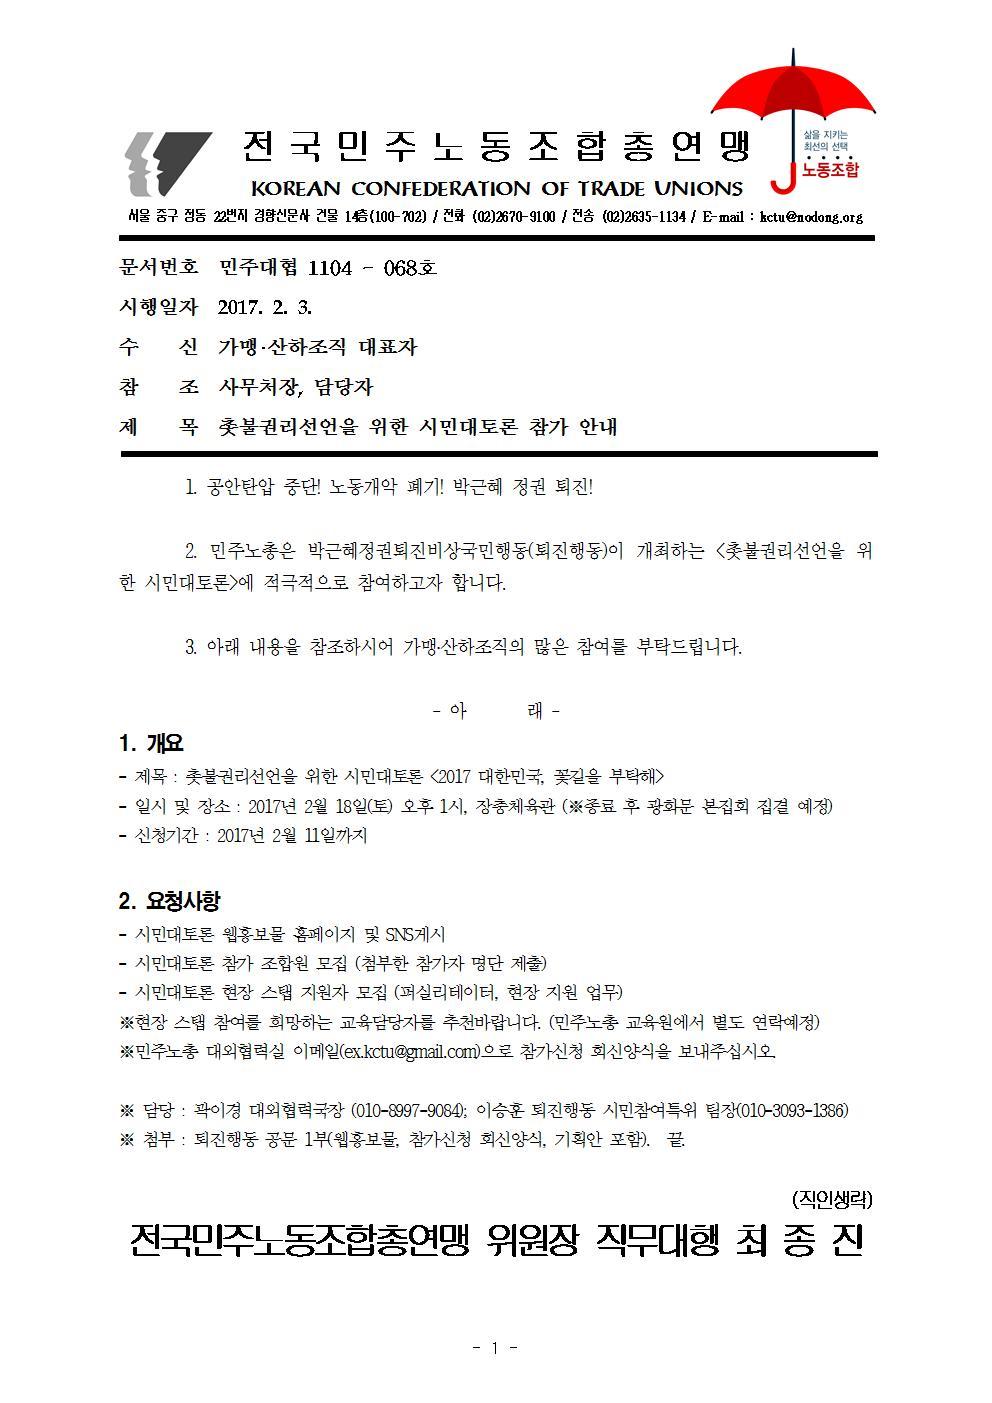 17kctu068_[공문] 국민대토론참여요청001.jpg